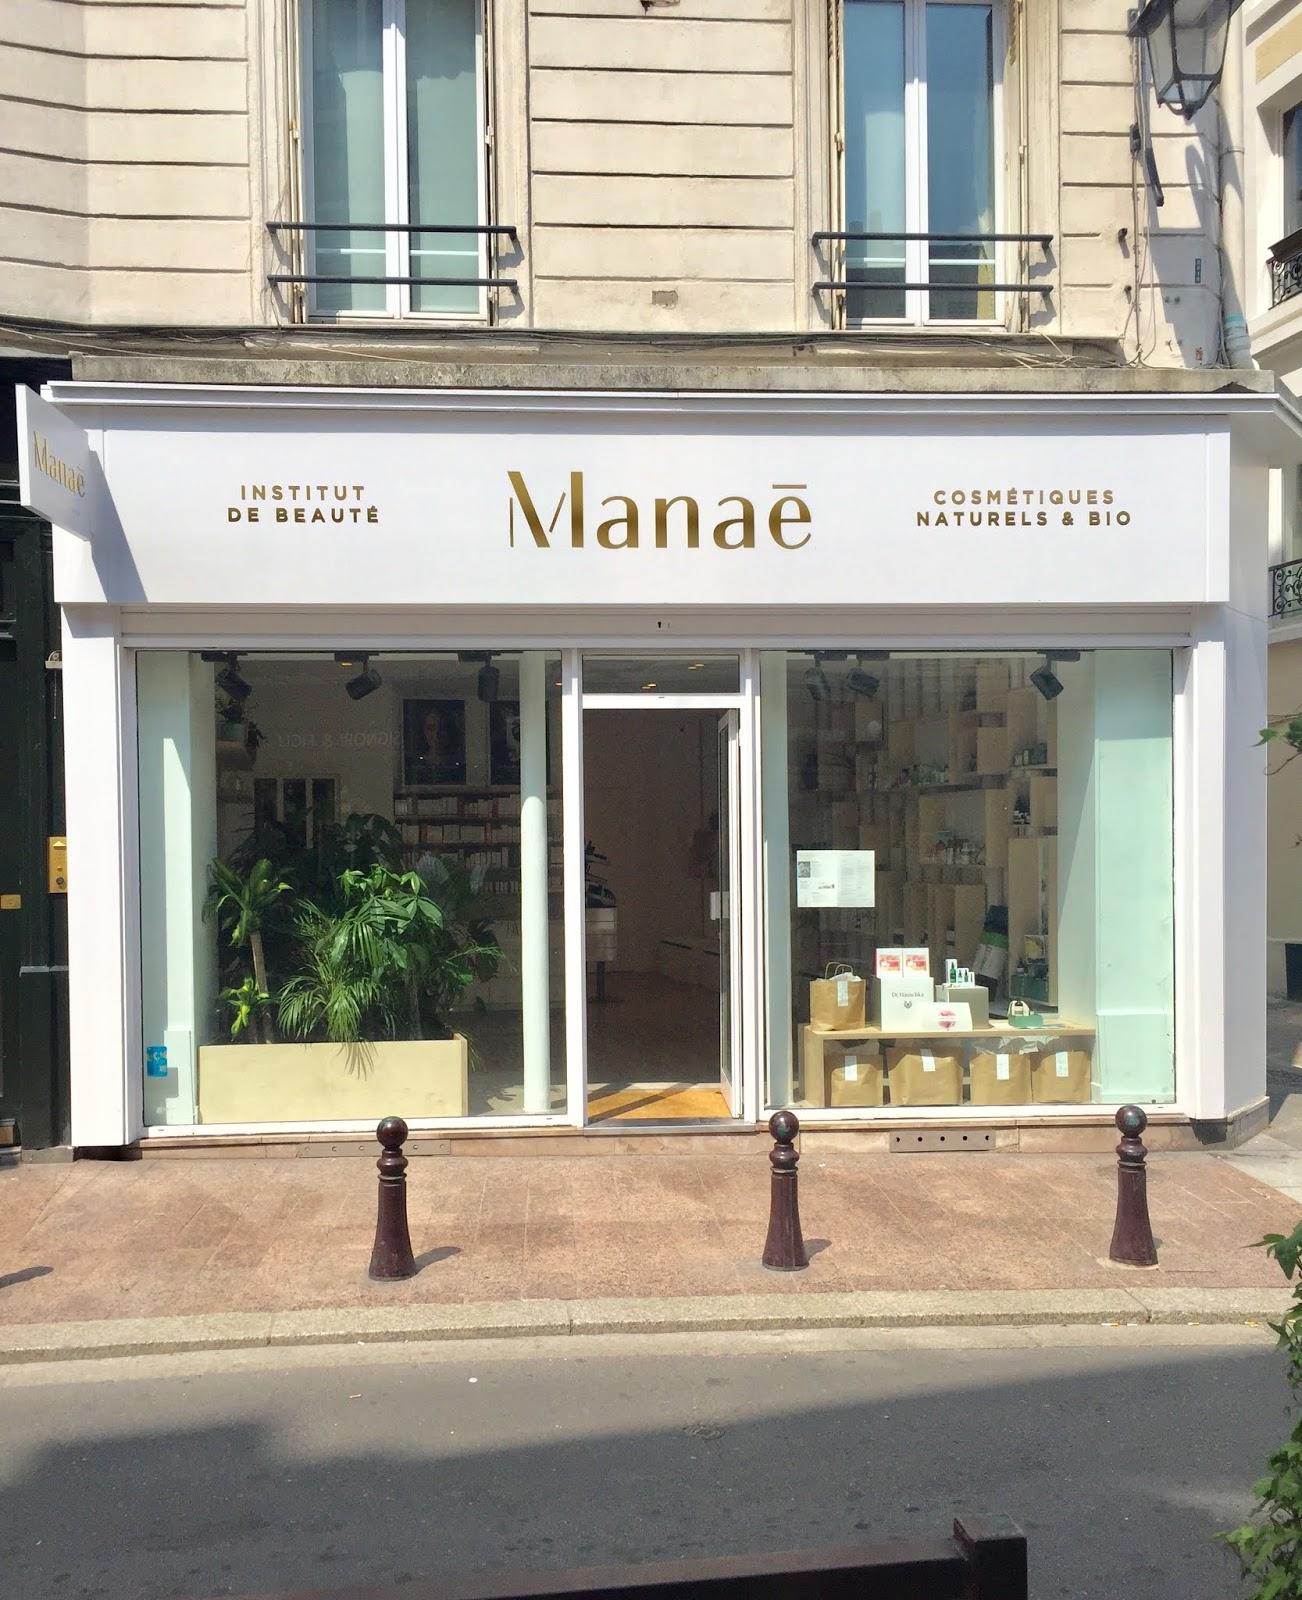 1-institut-manae-bio-nogent-sur-marne